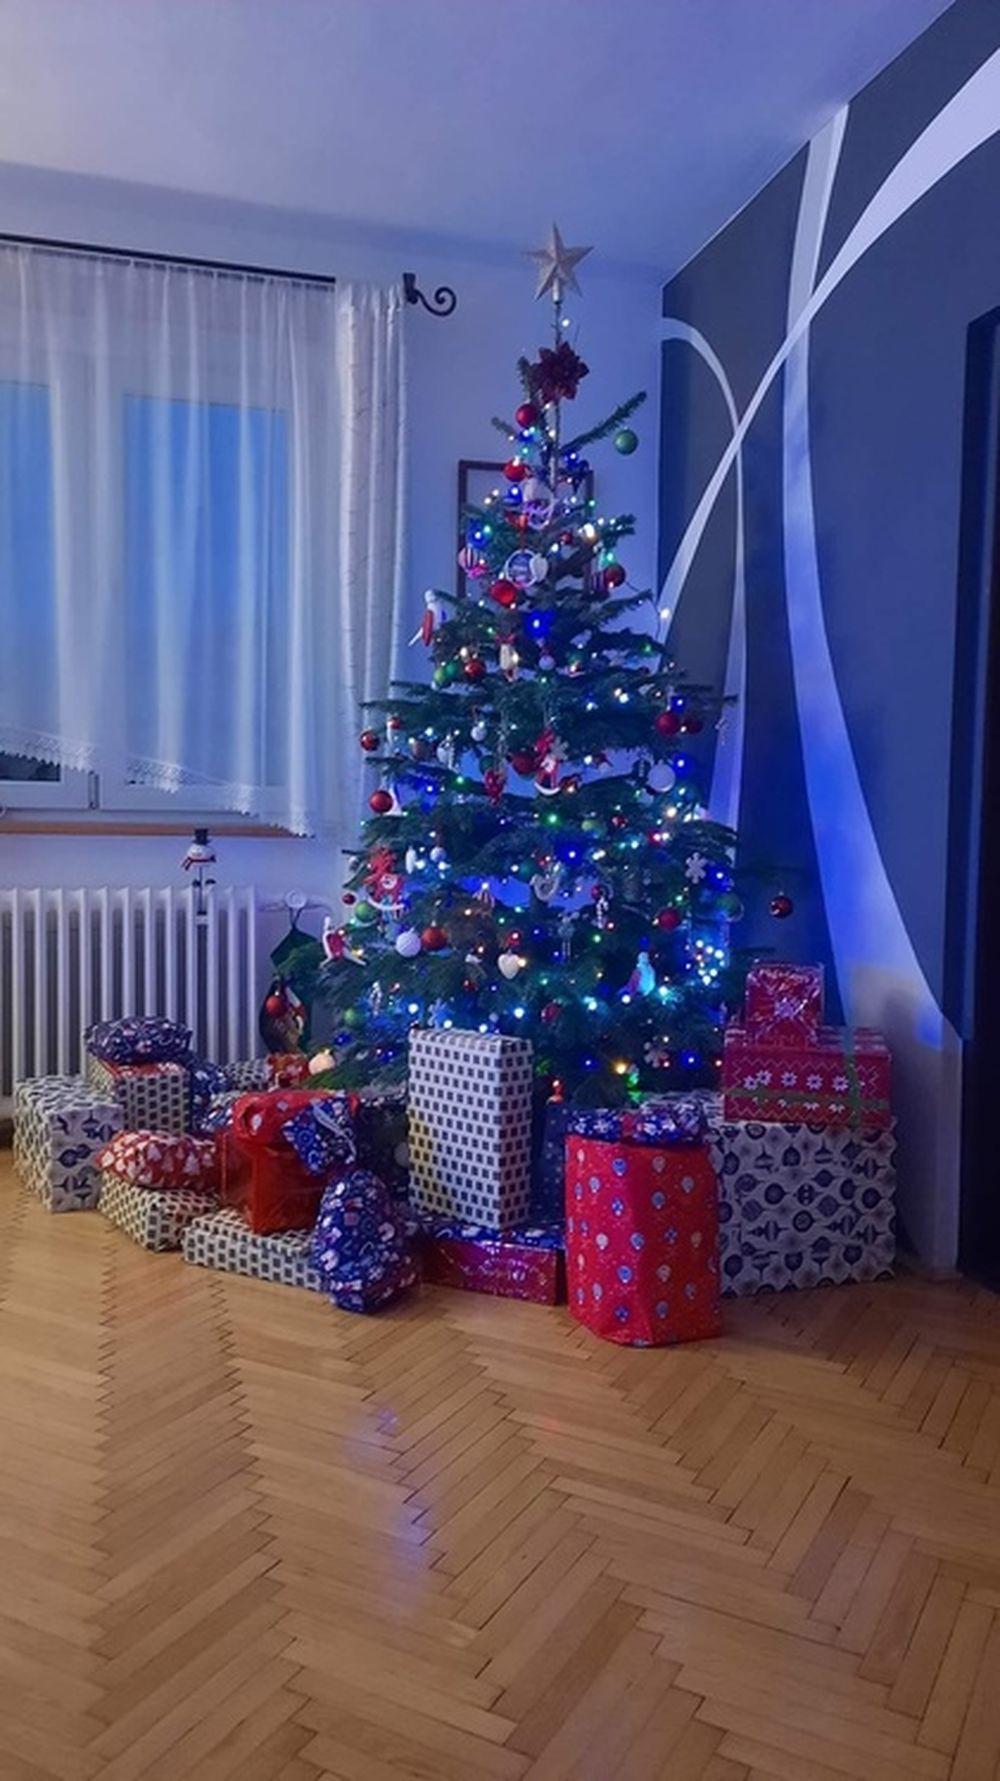 FOTO: Vianočné stromčeky v Žiline - výber fotografií našich čitateľov, foto 20